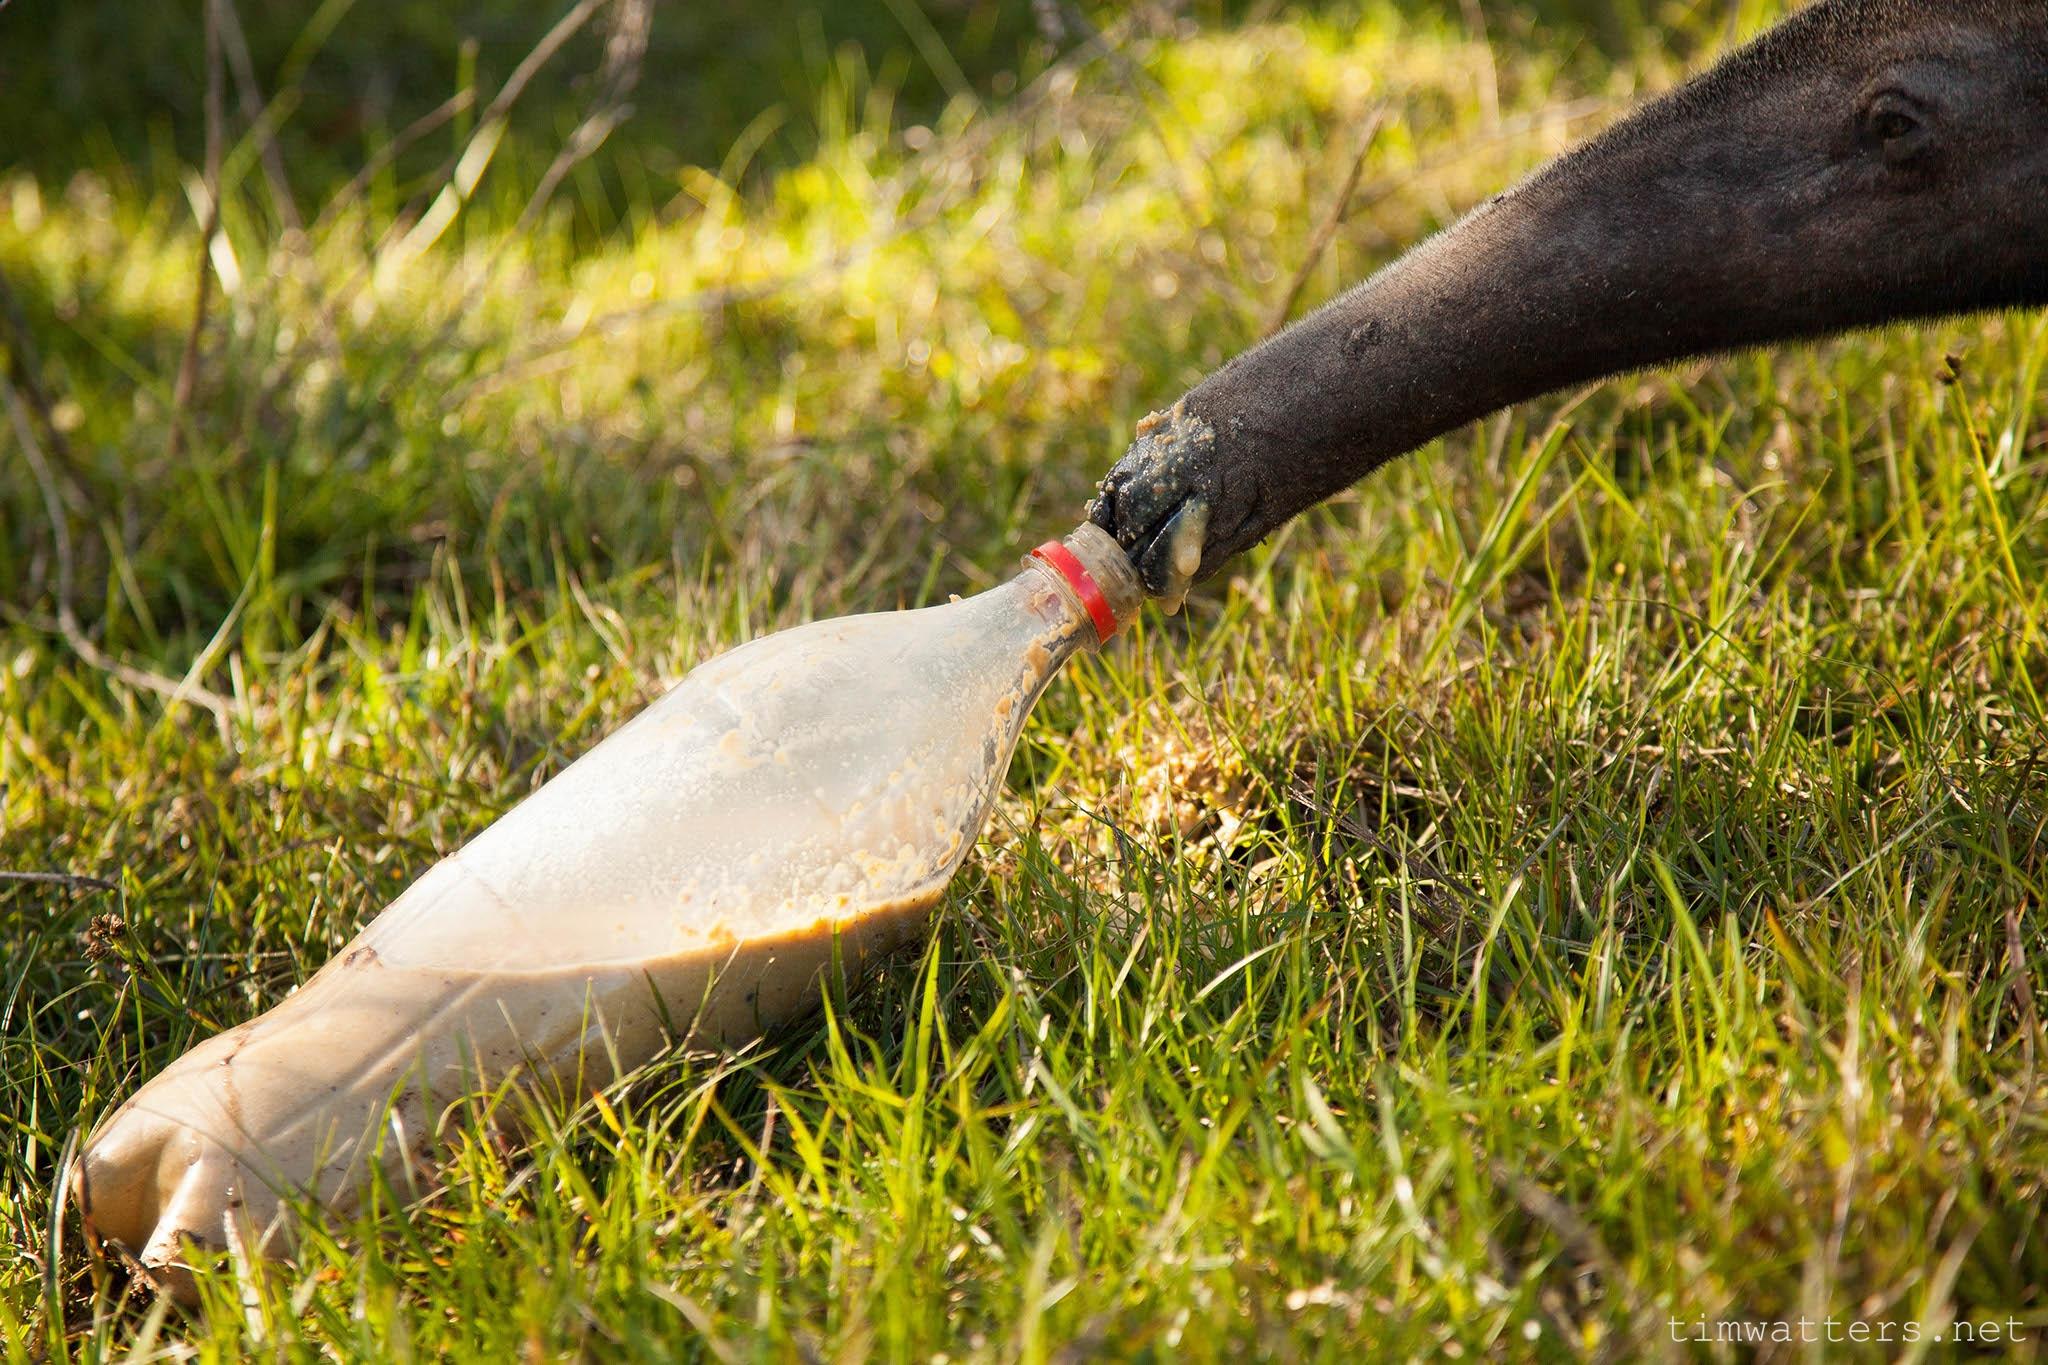 013-TimWatters-Ibera-Wildlife.jpg